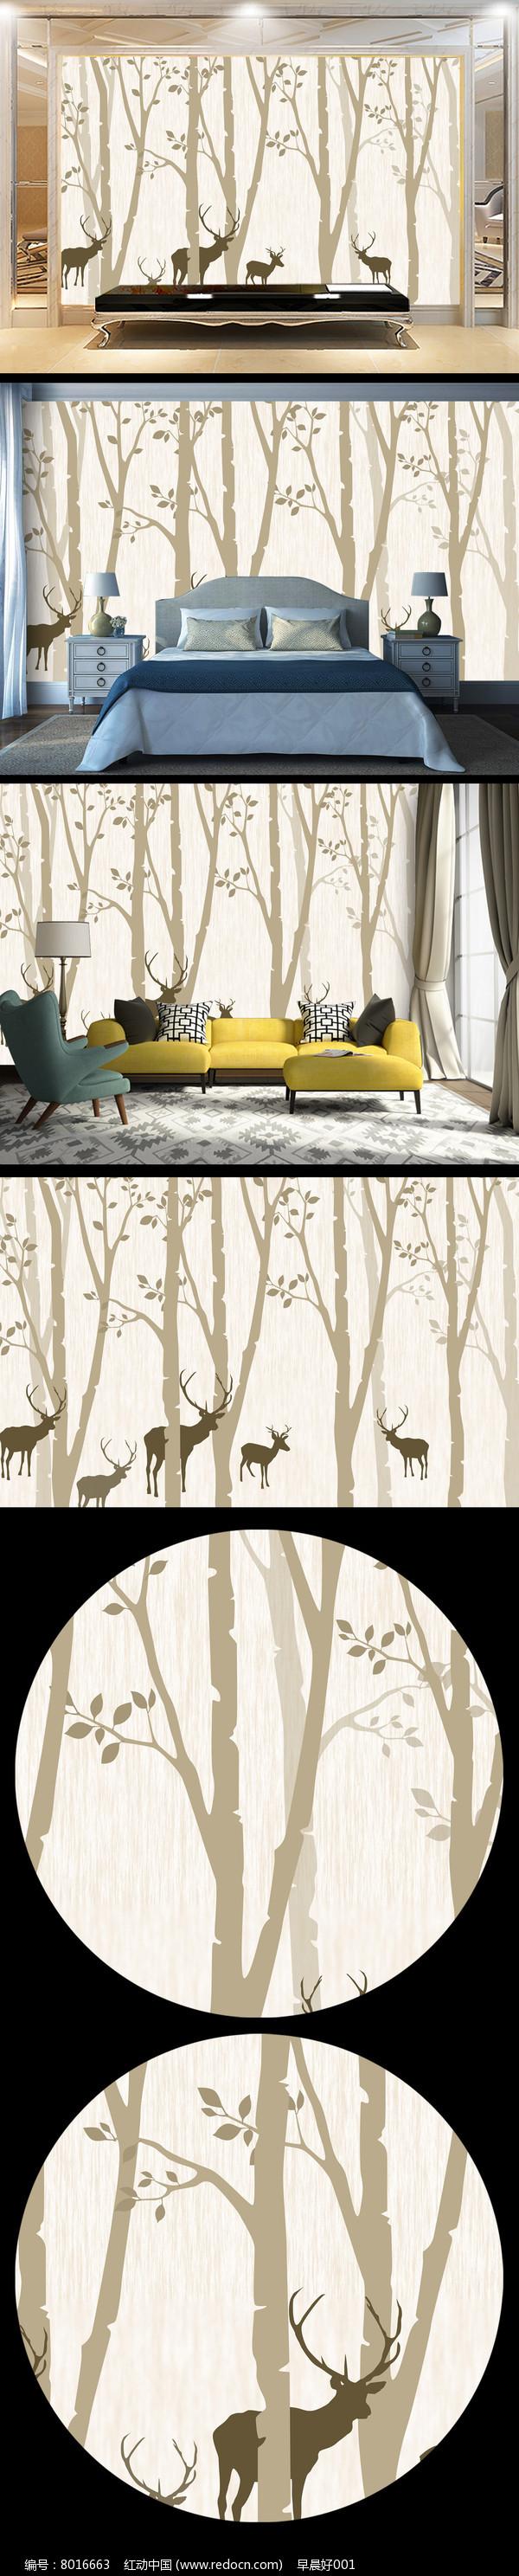 北欧风树木小鹿背景墙图片